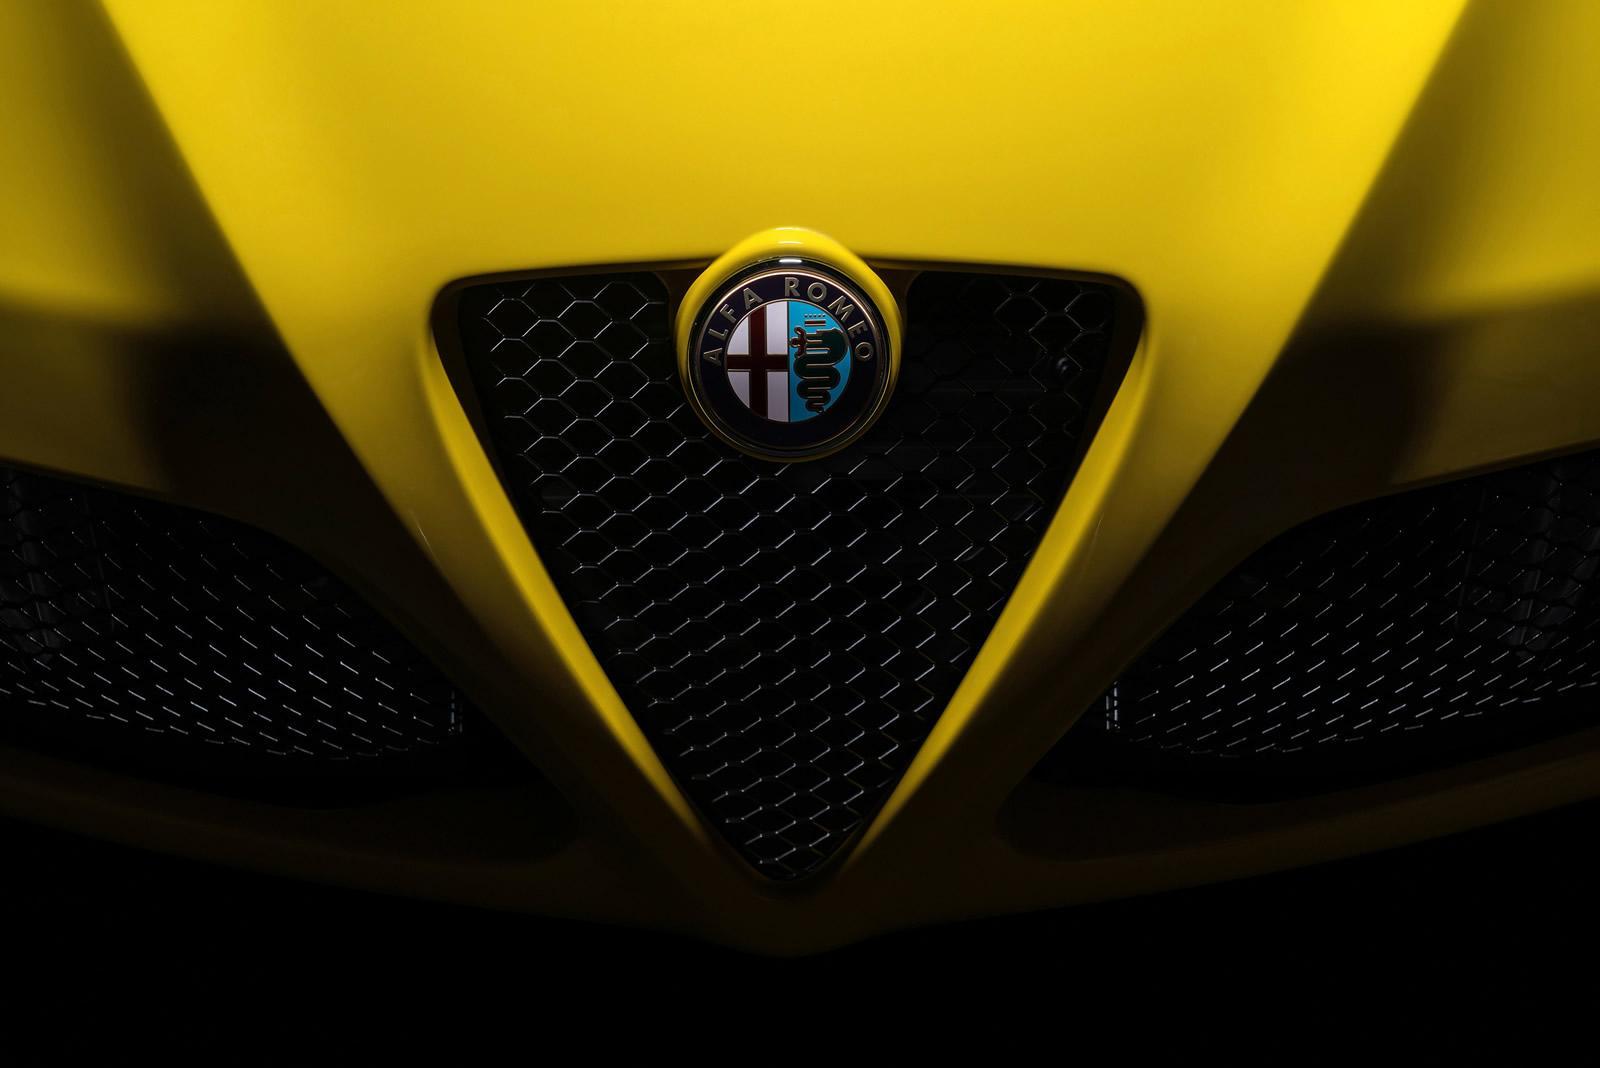 Alfa Romeo 4c >> Alfa Romeo 4C Spider bows at 2015 Detroit Auto Show Image ...